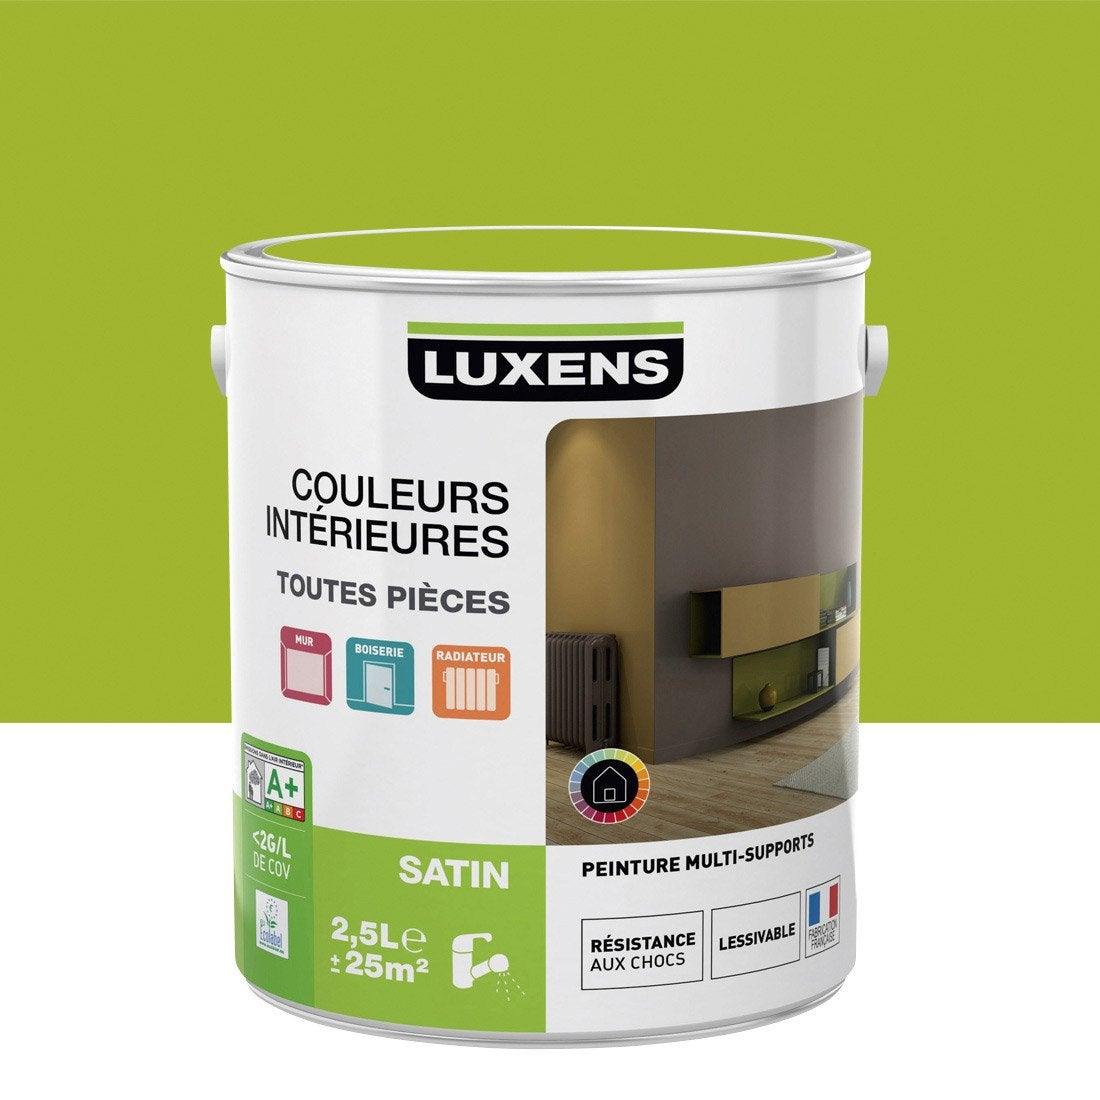 peinture vert pistache 4 satin luxens couleurs intérieures satin ... - Comment Faire Du Vert Anis En Peinture